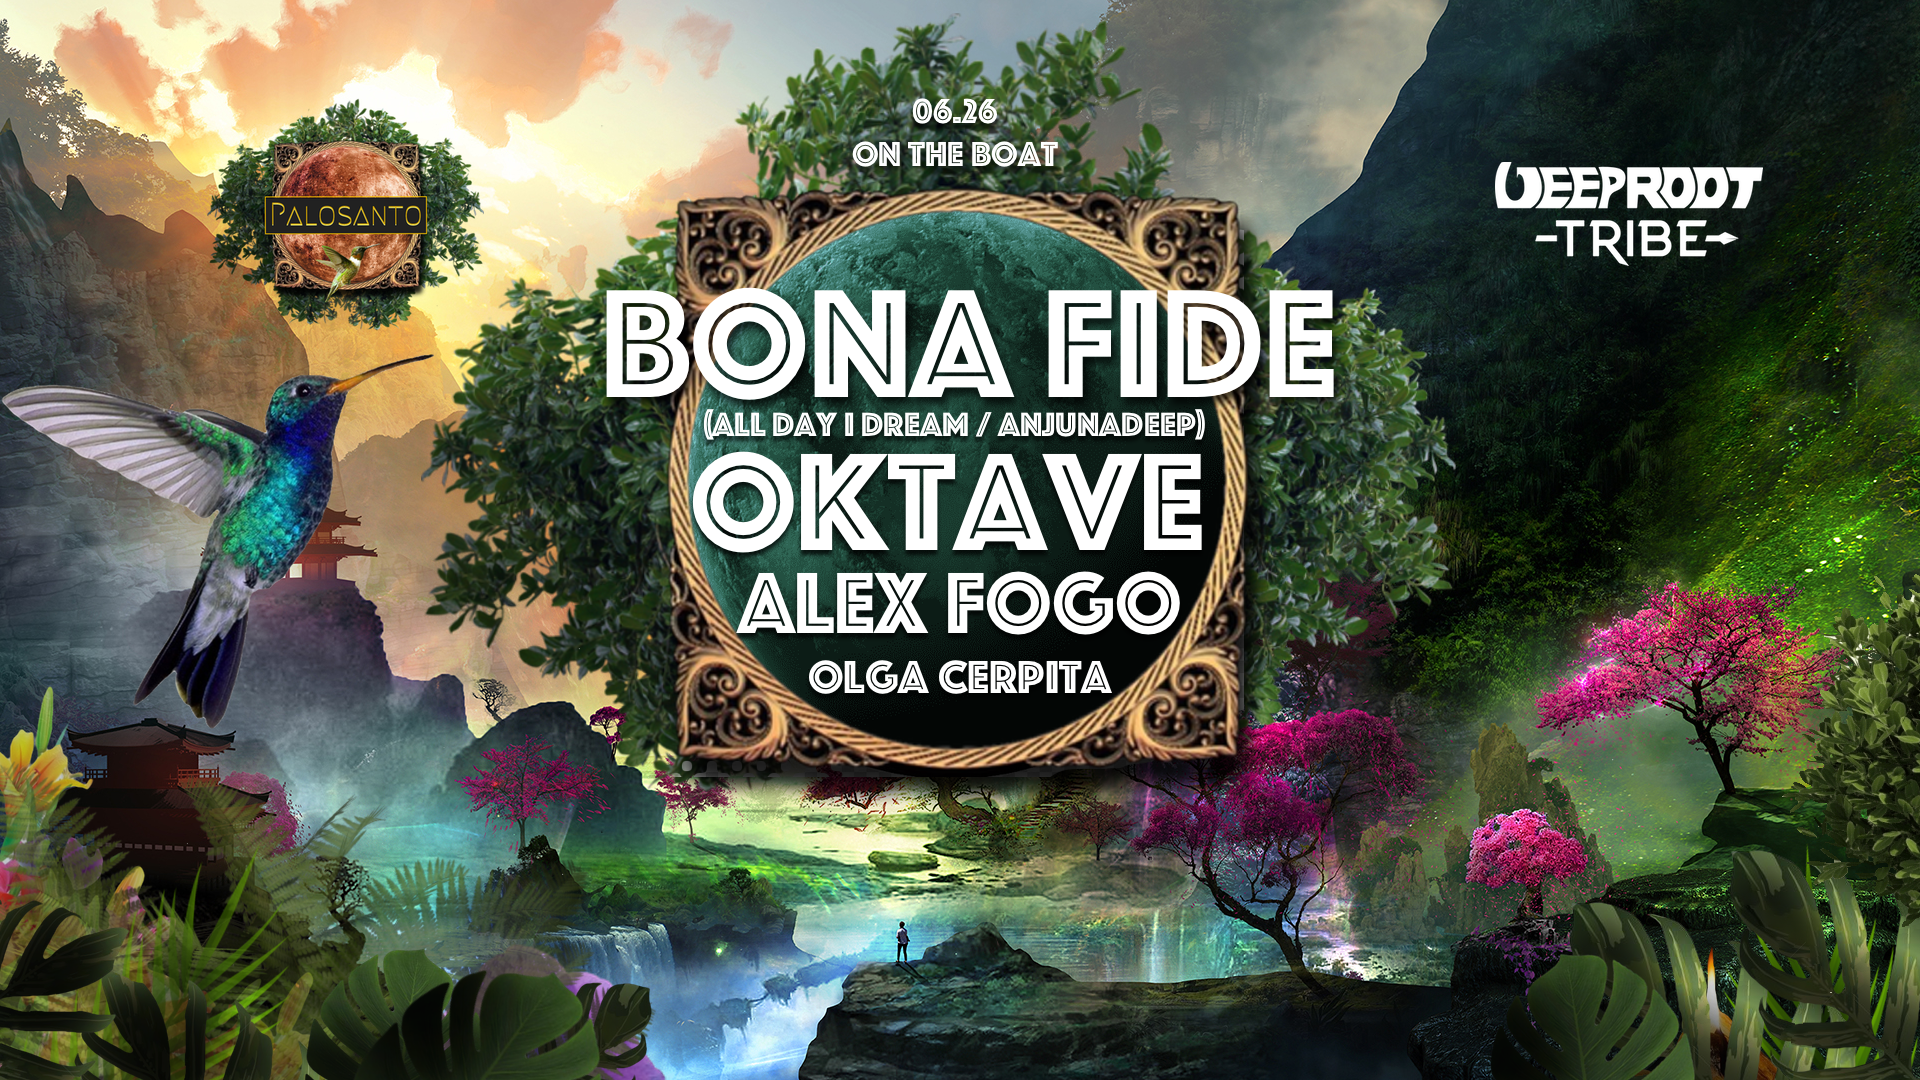 🛥️🌿 On The Boat:  Bona Fide, Oktave, Alex Fogo, Olga C 🛥️🌿